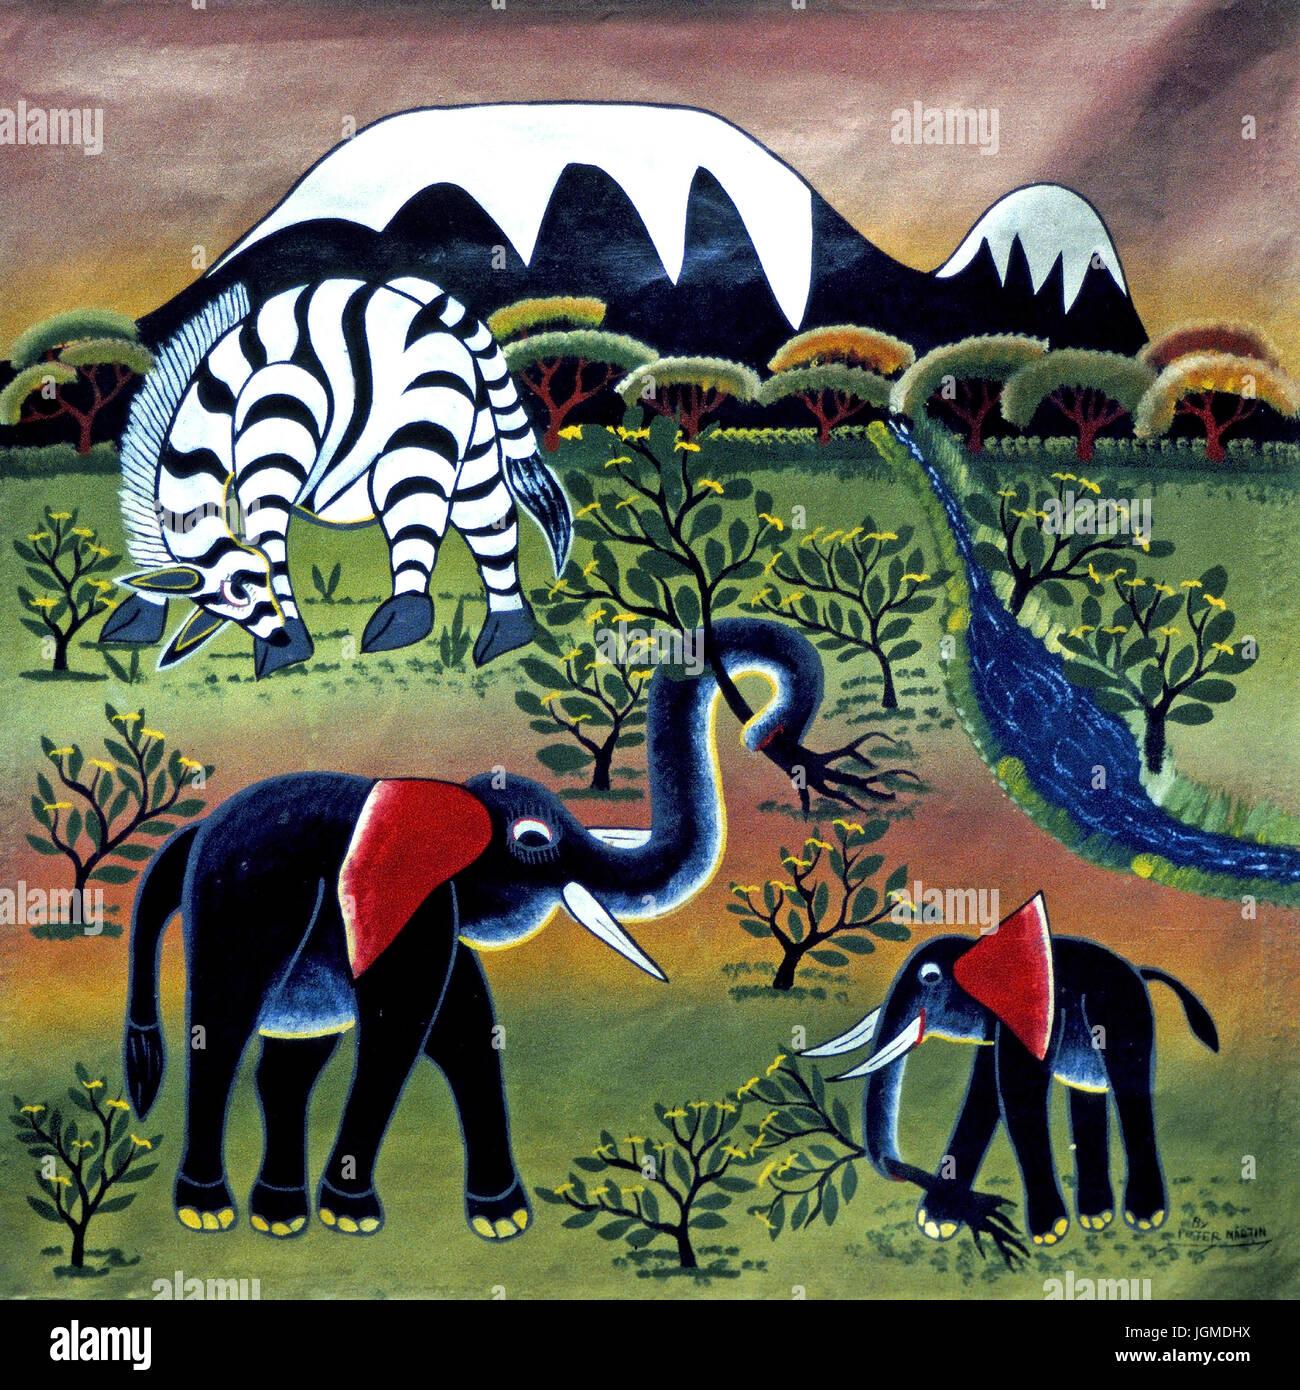 Naive painting, Tanzania, Africa, Naive Malerei, Afrika - Stock Image